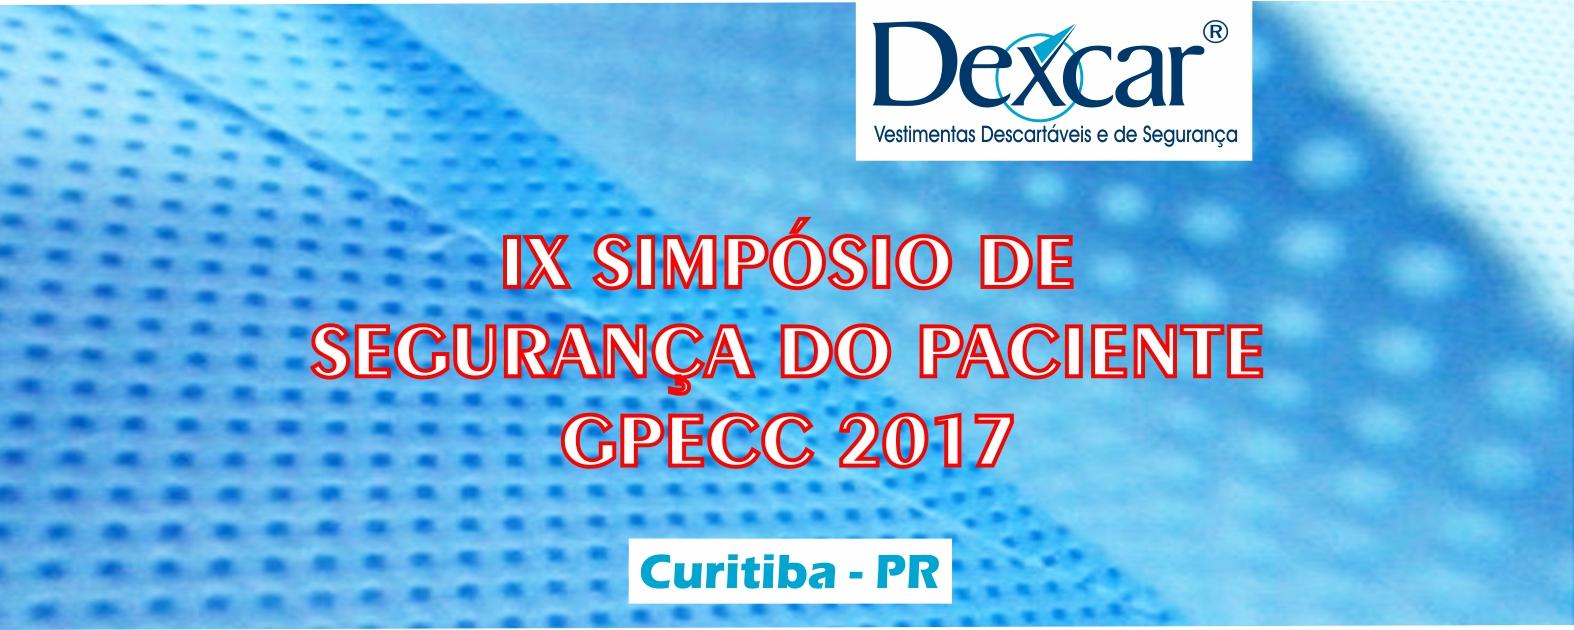 DEXCAR NO IX SIMPÓSIO DE SEGURANÇA DO PACIENTE